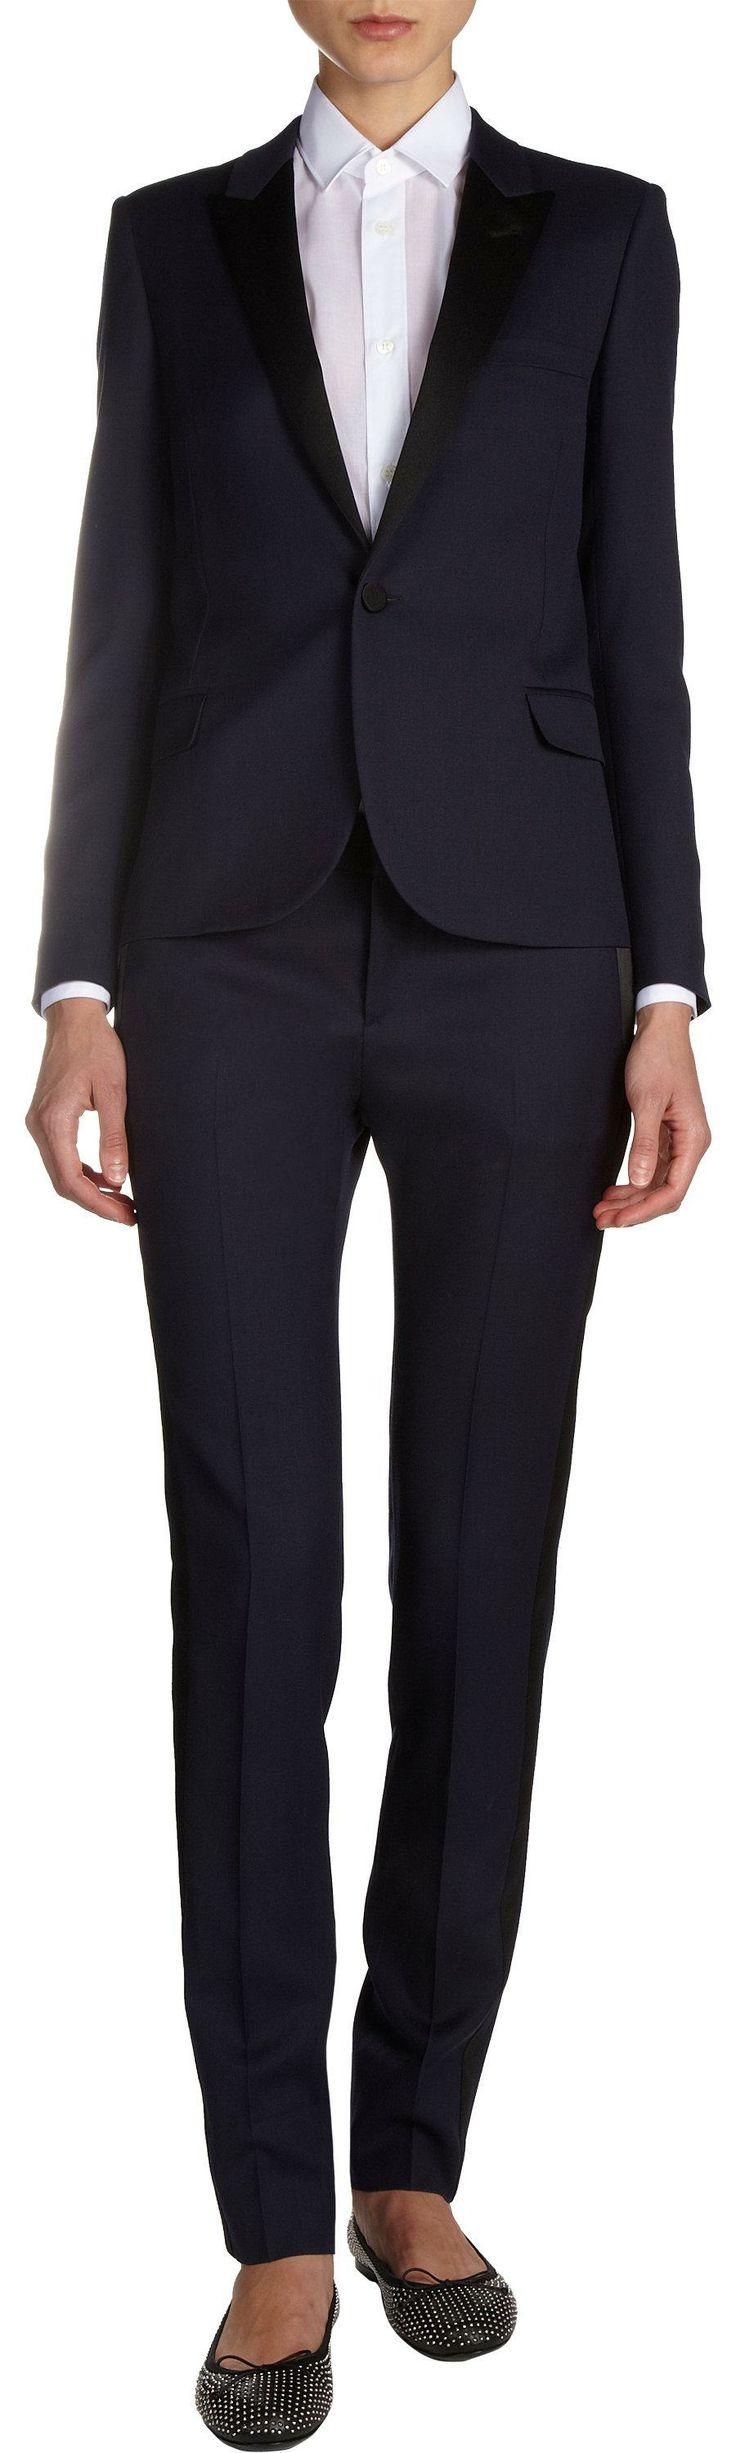 Saint Laurent Slim Tuxedo Jacket   womens tuxedo jacket   womenswear   womens style   womens fashion   wantering